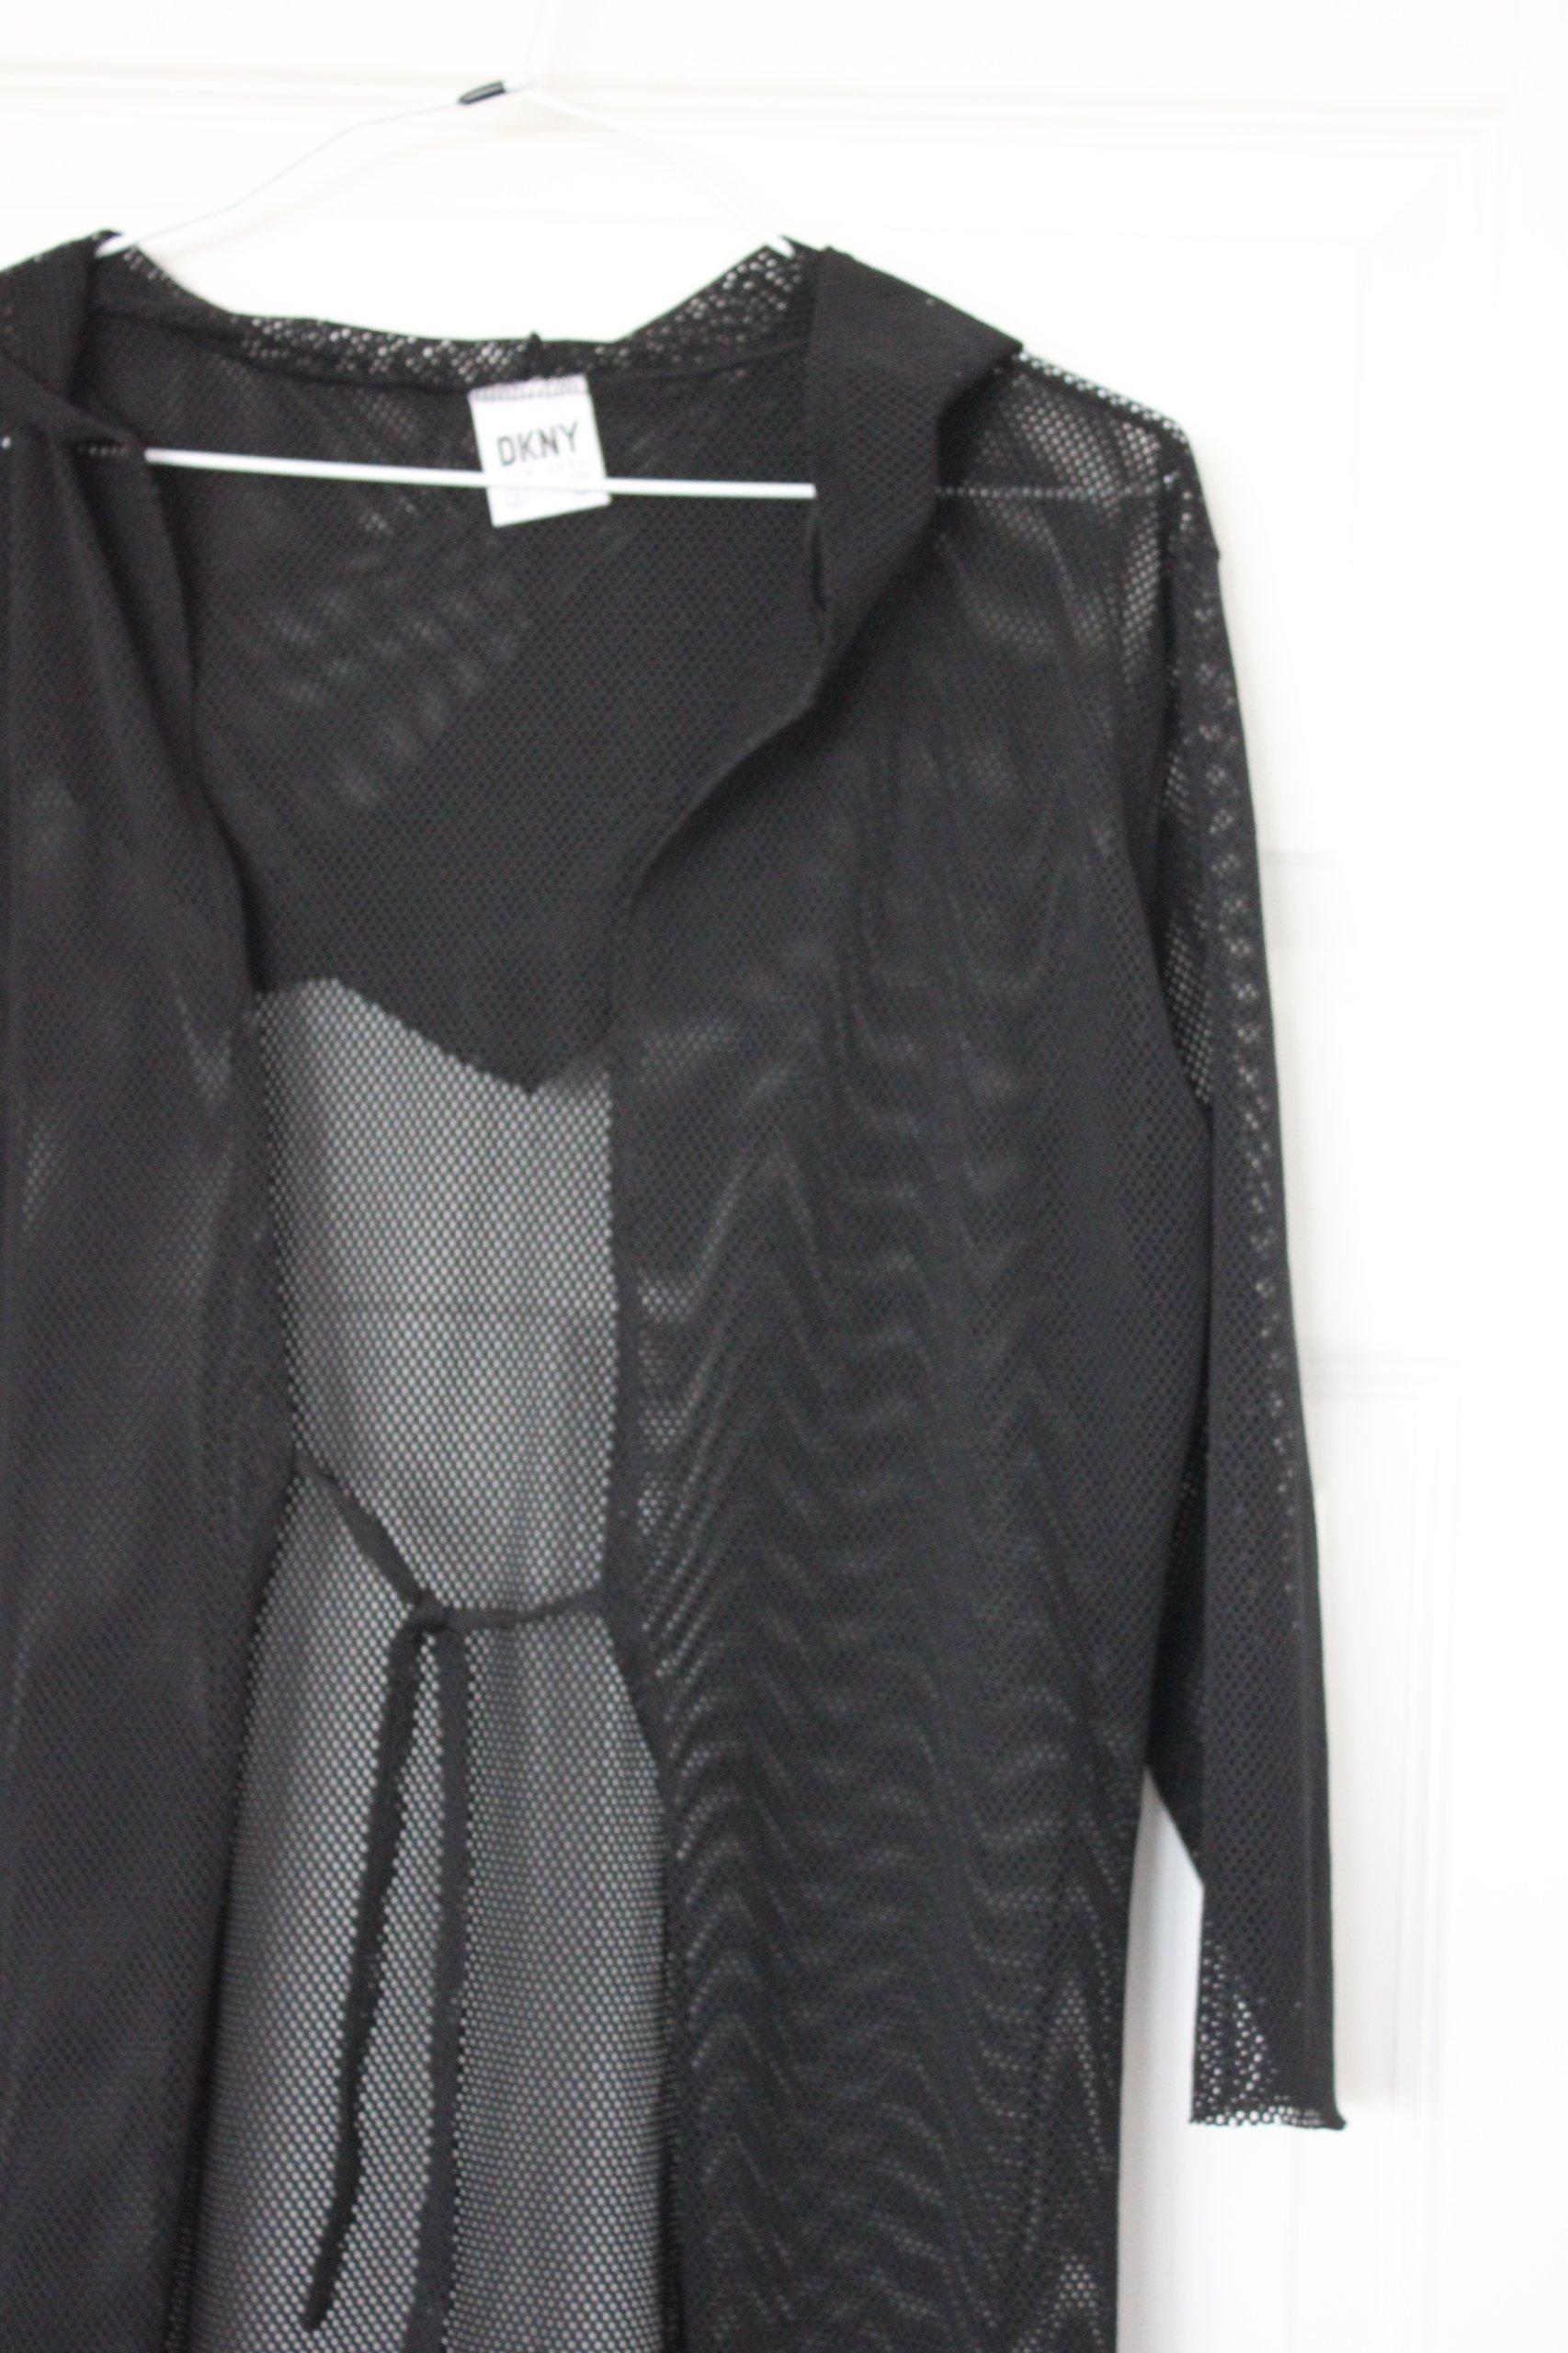 7cf76f5139f9a DKNY bluza czarna z kapturem 38 - 7074917080 - oficjalne archiwum allegro